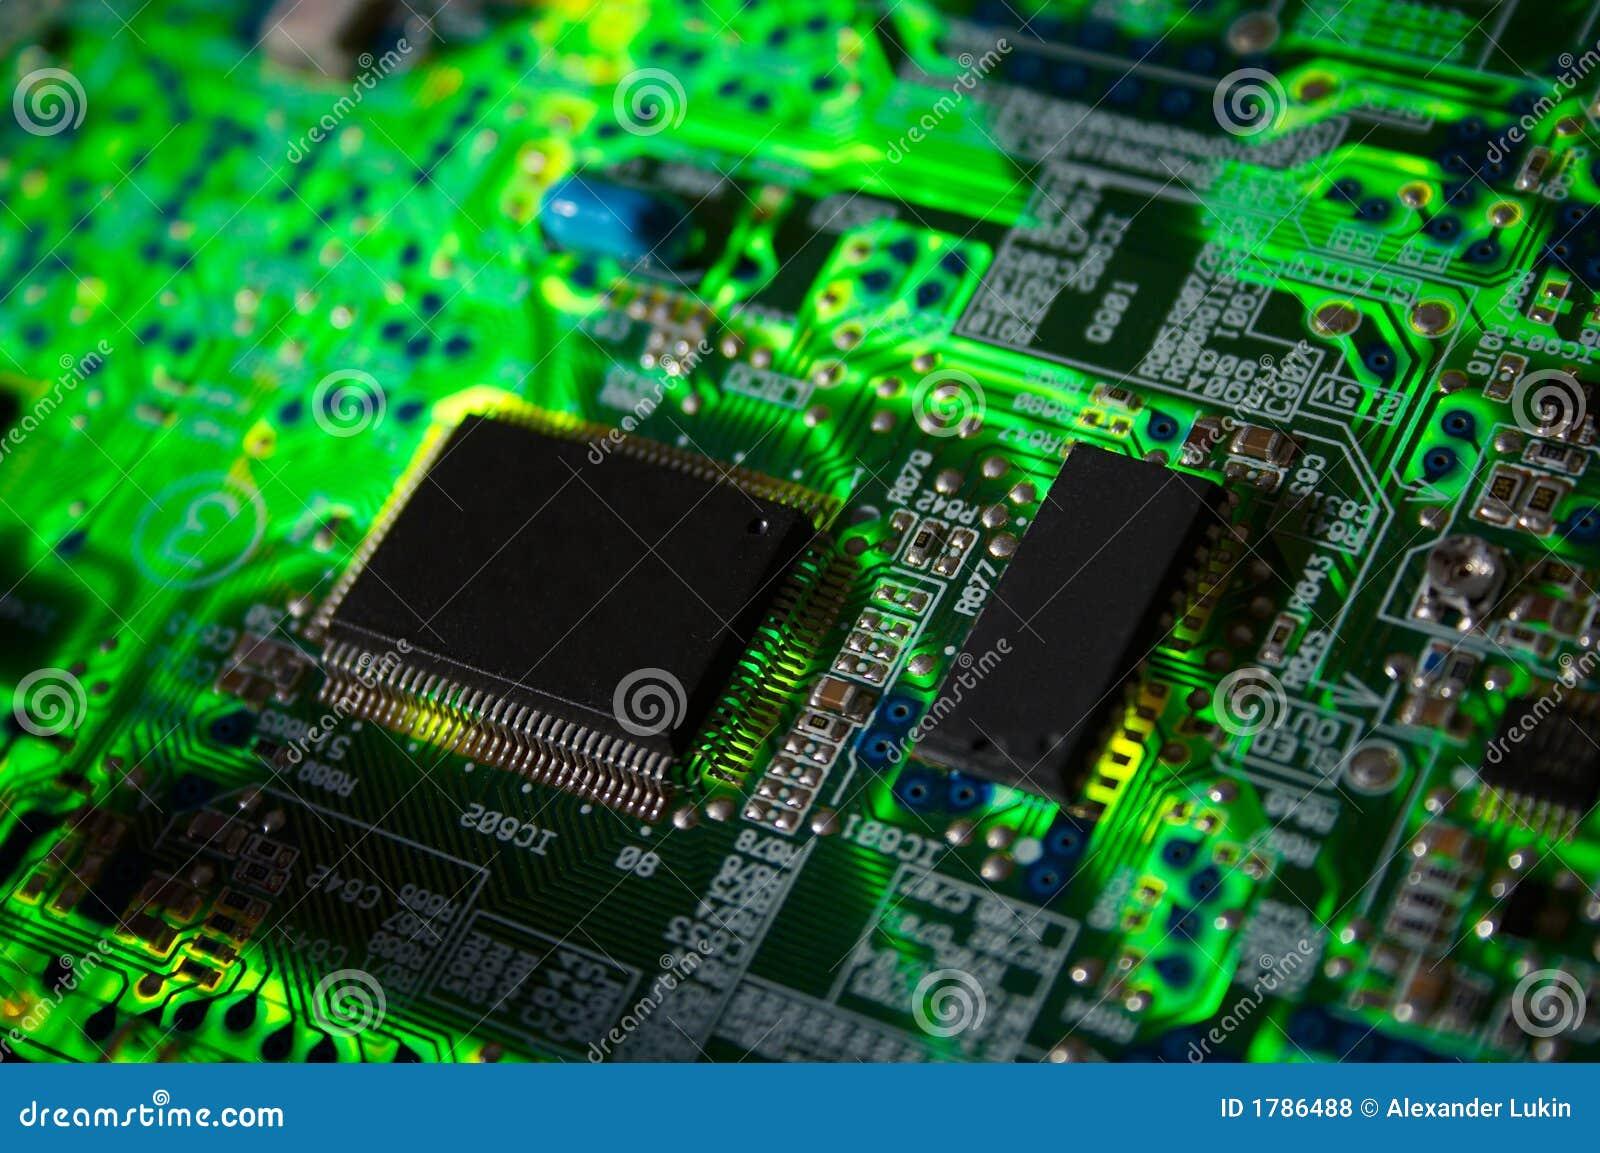 Green electronic board